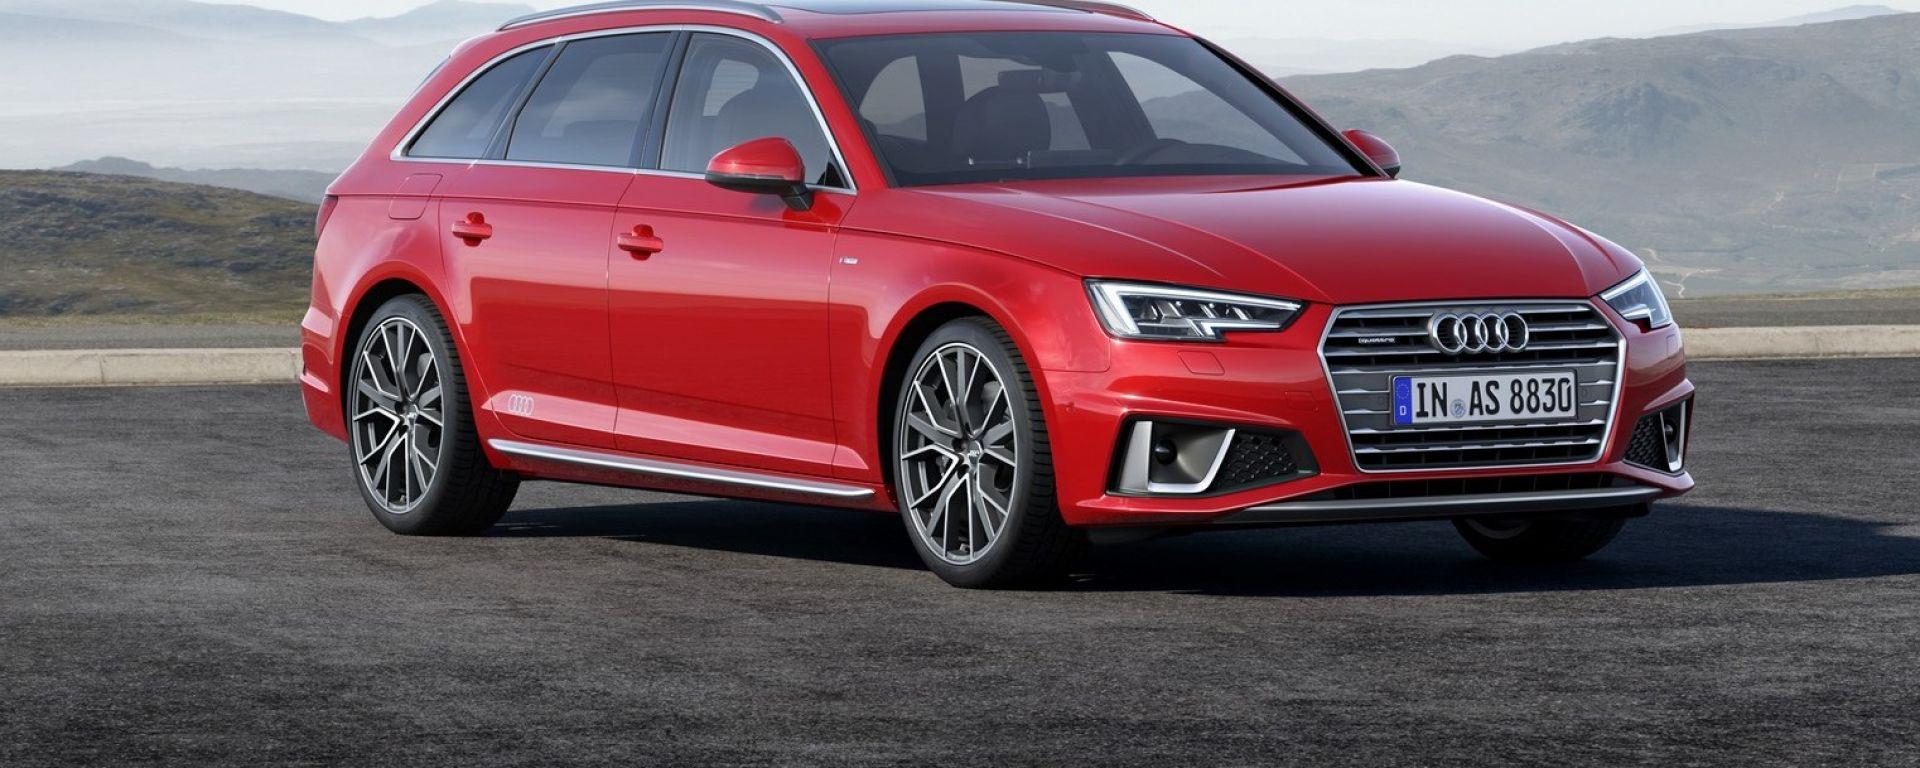 Nuova Audi A4 e A4 Avant restyling 2019: dotazioni, prezzi ...